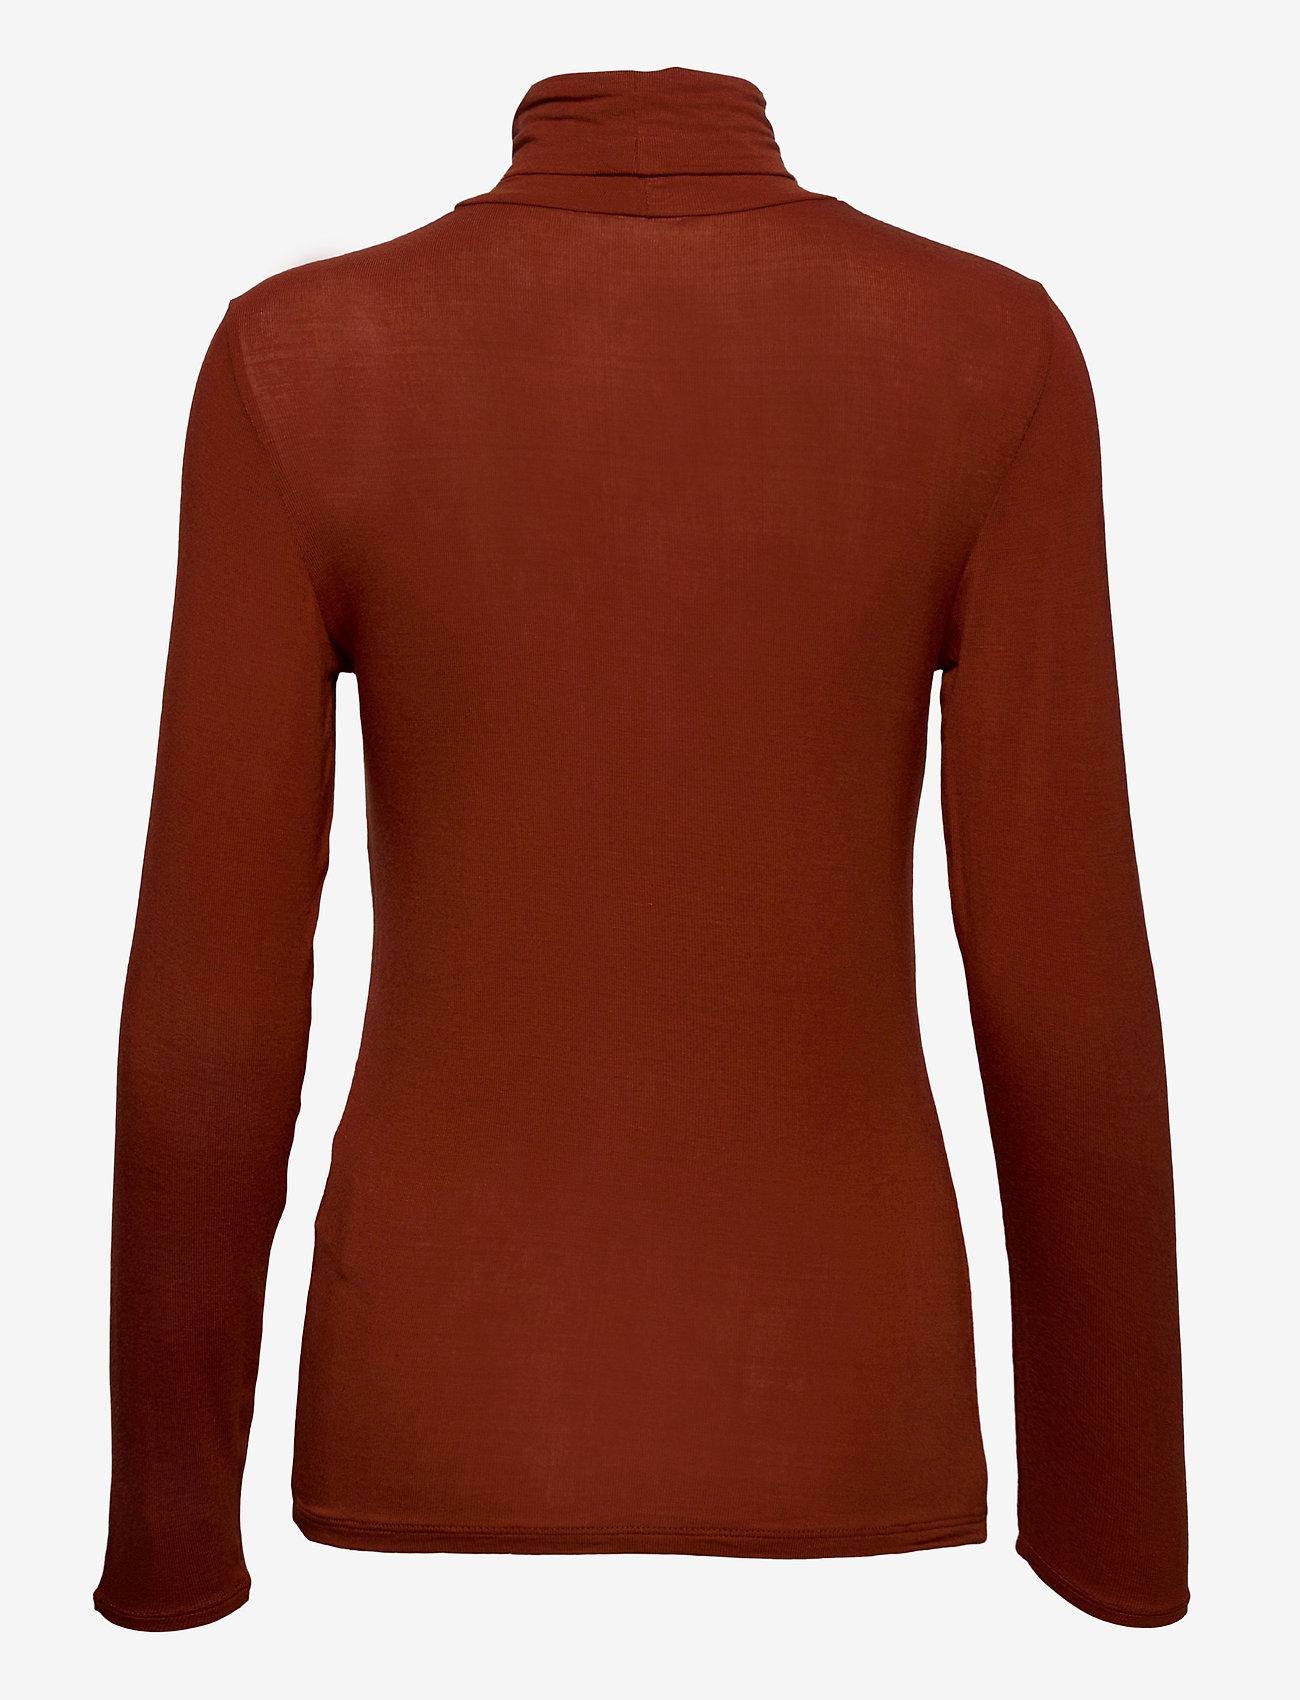 ICHI - IHPHILUCA LS - t-shirt & tops - burnt henna - 1